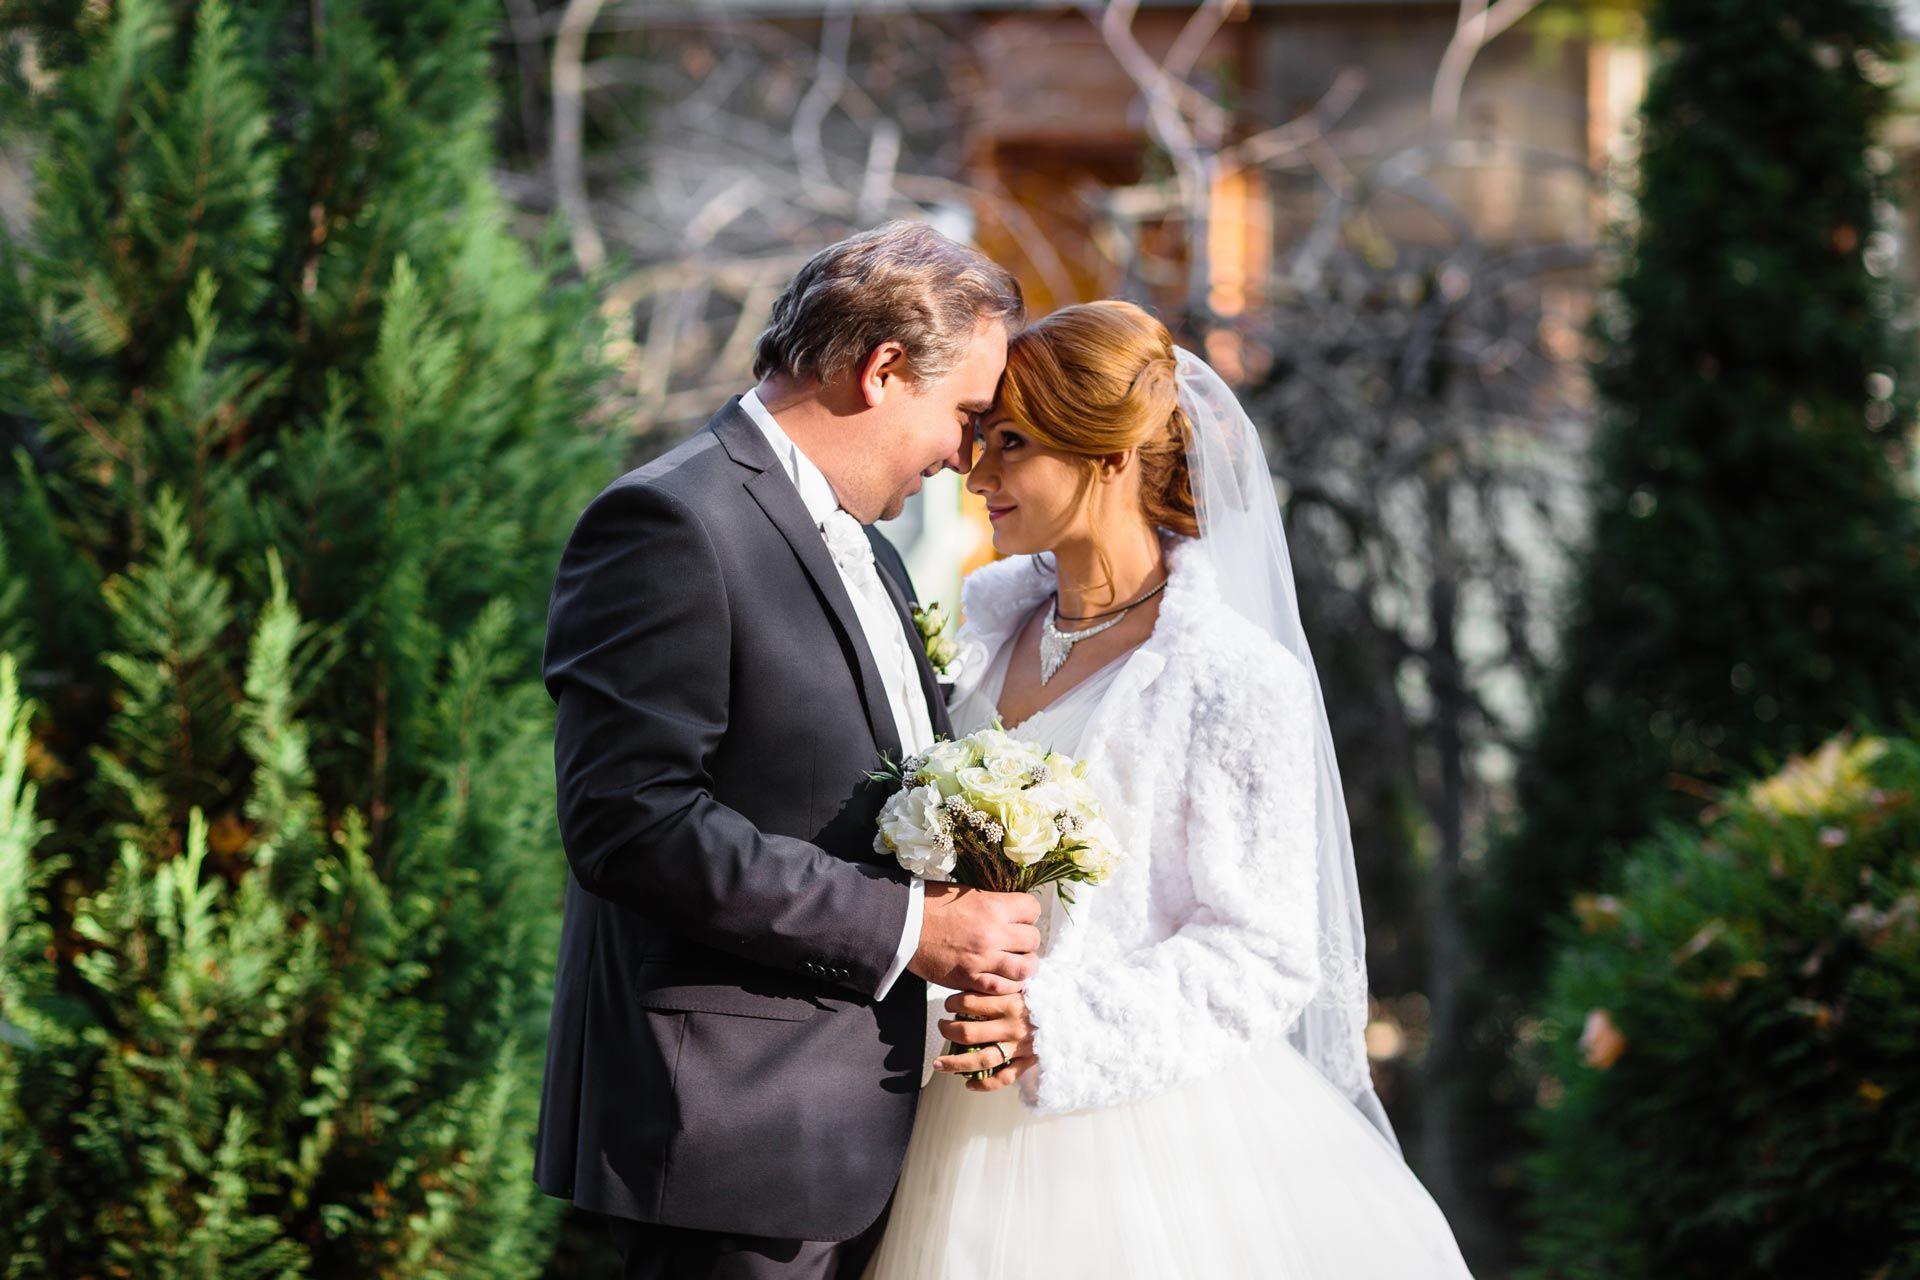 Свадьба Карины Мишулиной и Ивана Коробова, фото 13